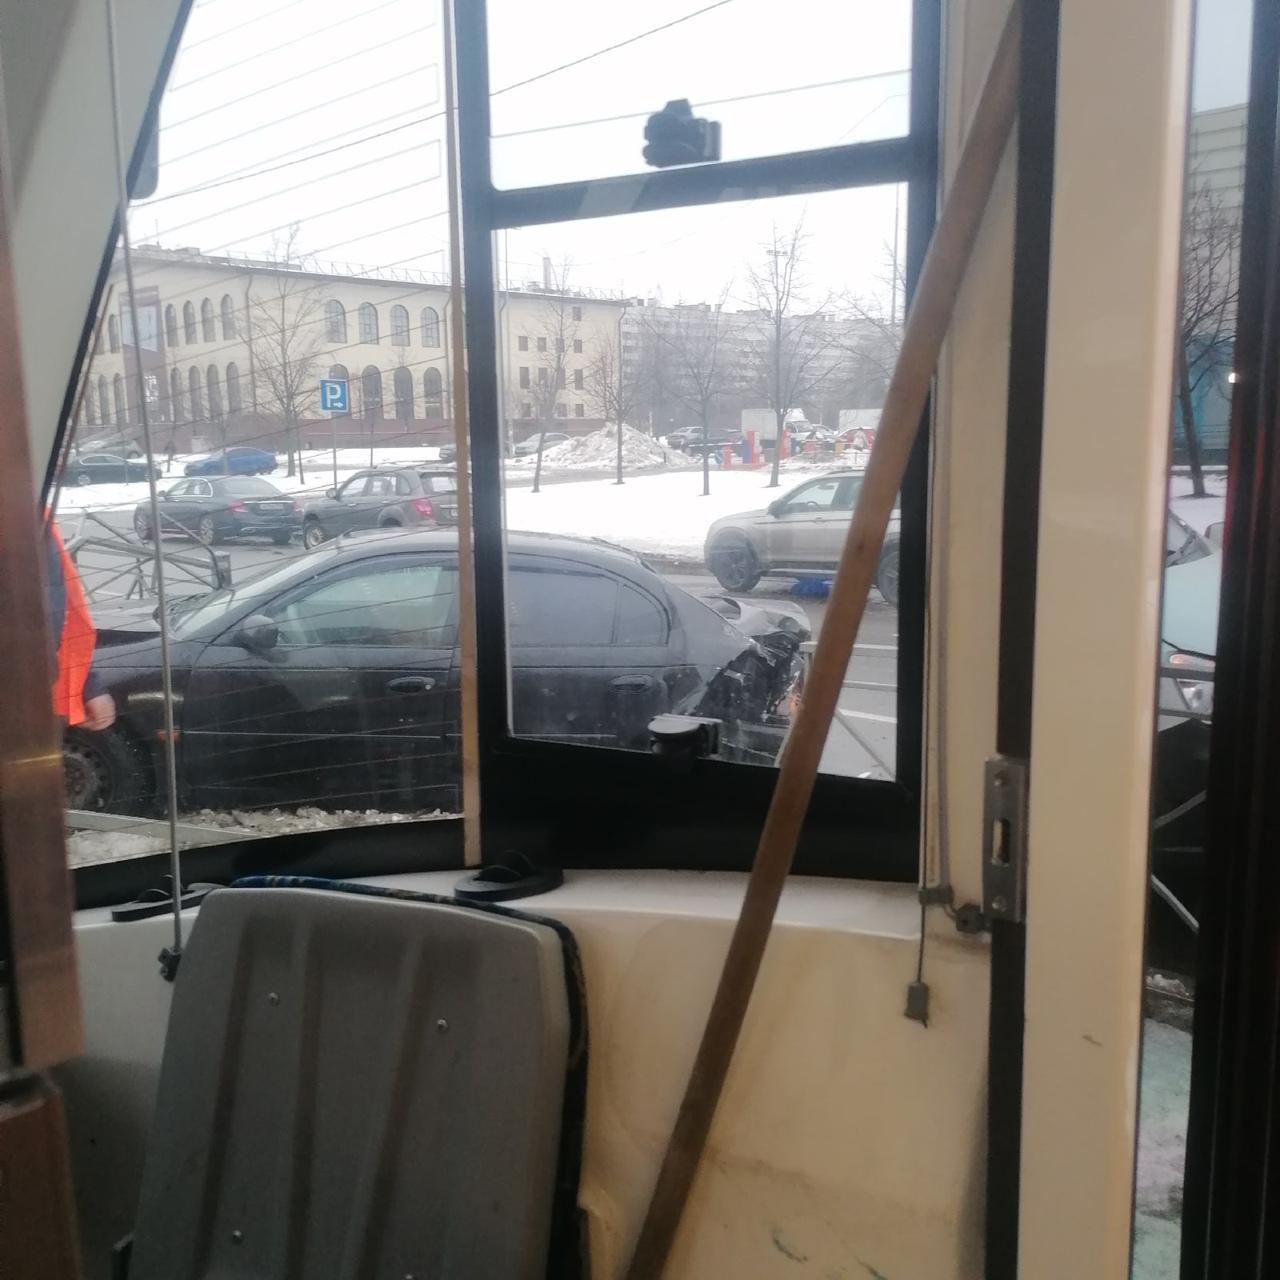 ДТП на пересечении Кустодиева и Просвящения, легковая въехала на трамвайные пути, пострадавших нет